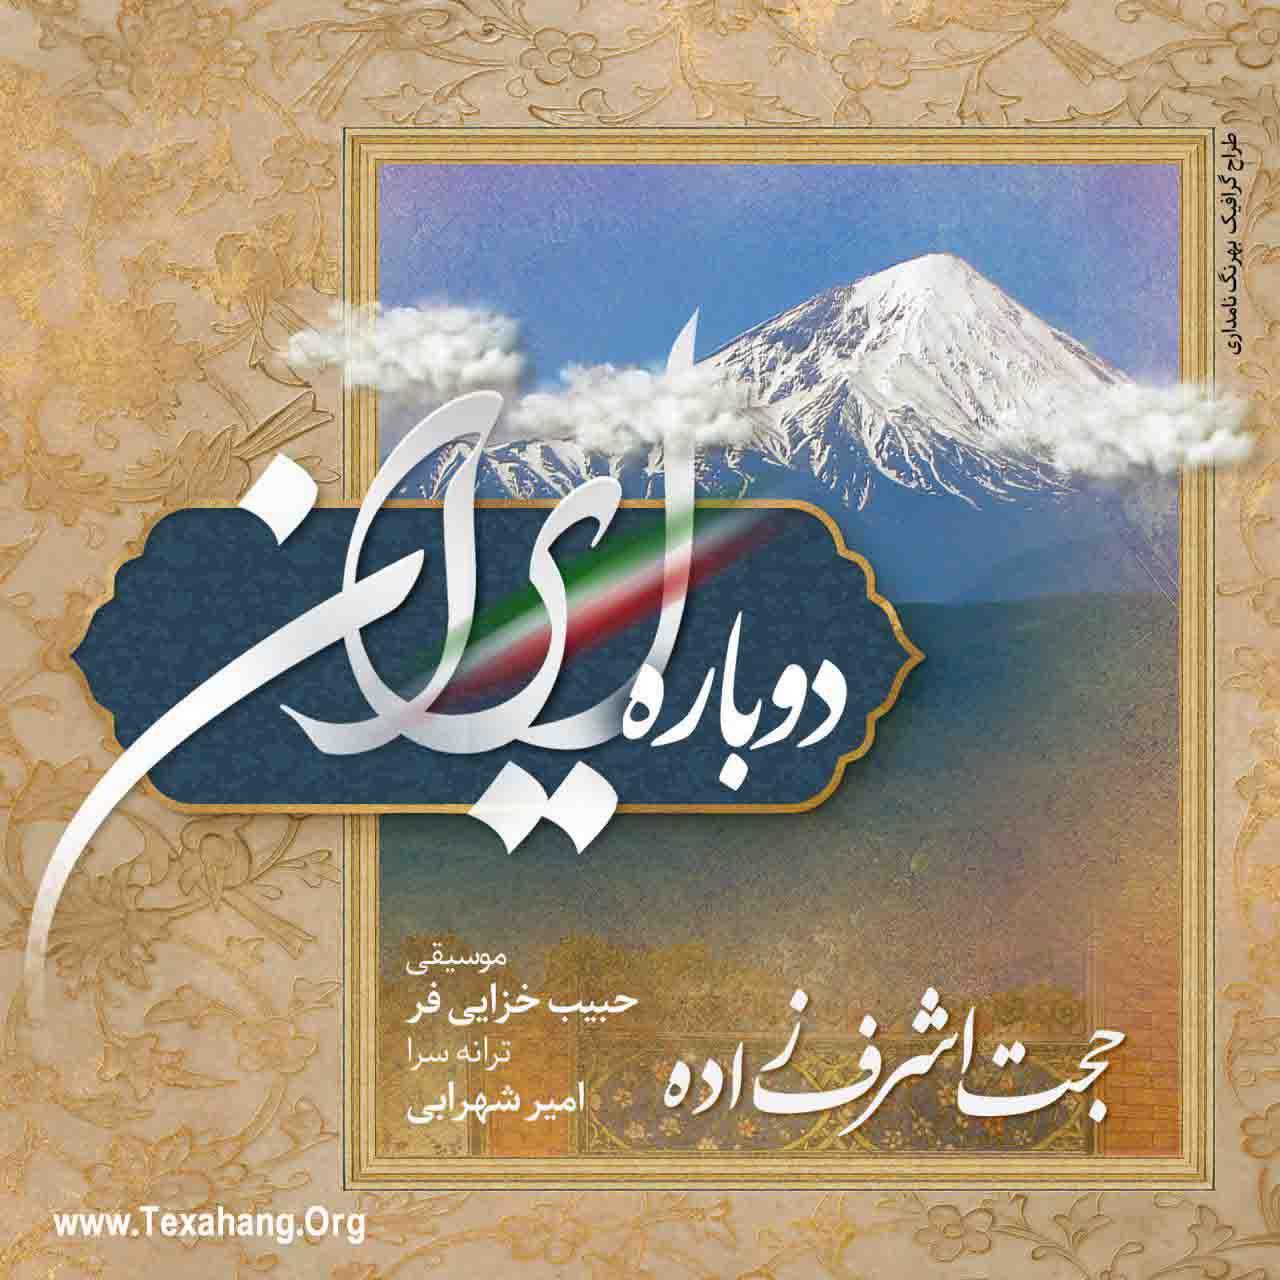 متن آهنگ جدید حجت اشرف زاده به نام دوباره ایران